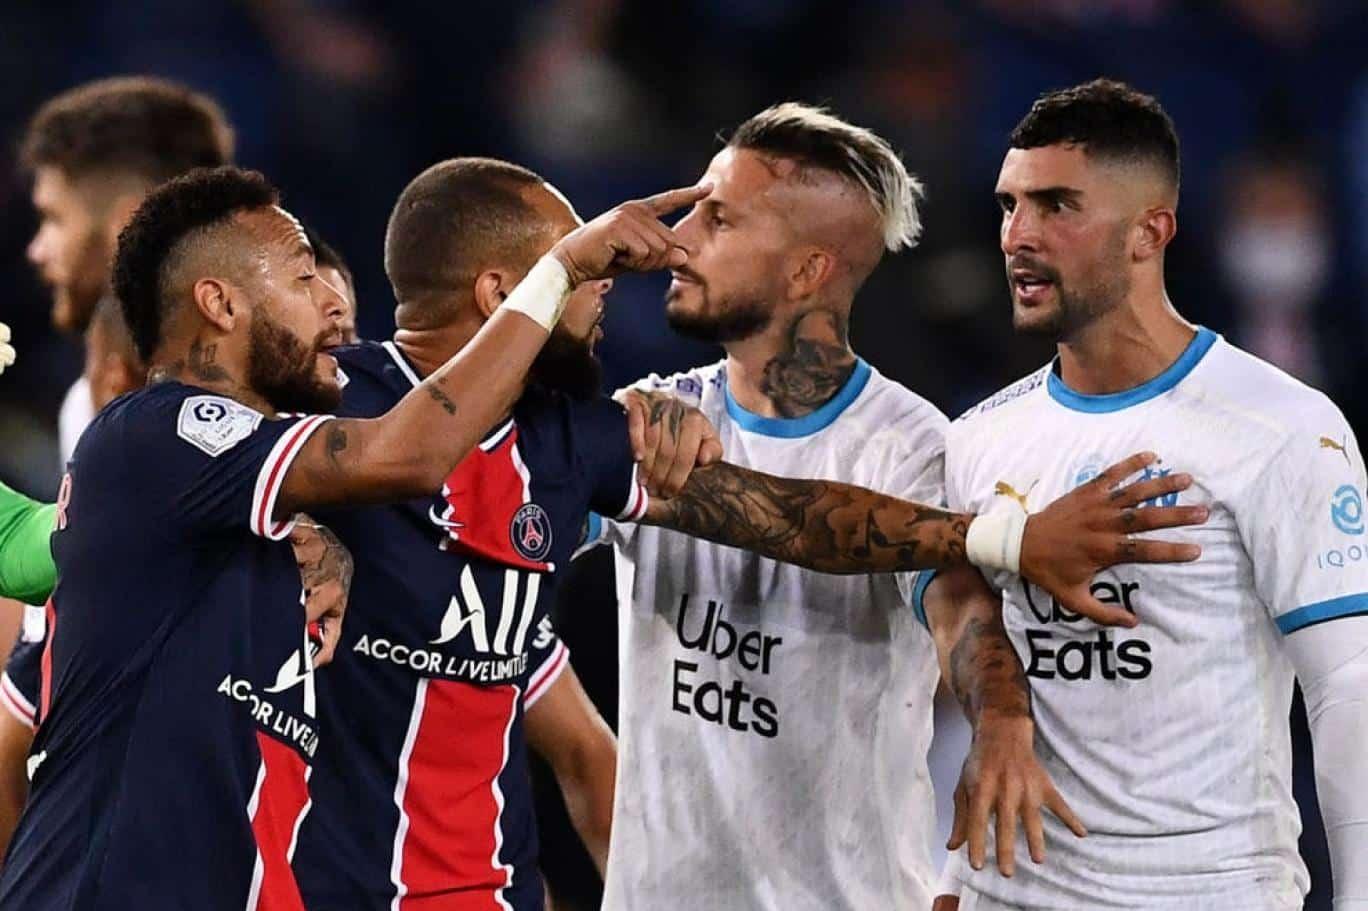 شجار في مباراة بالدوري الفرنسي